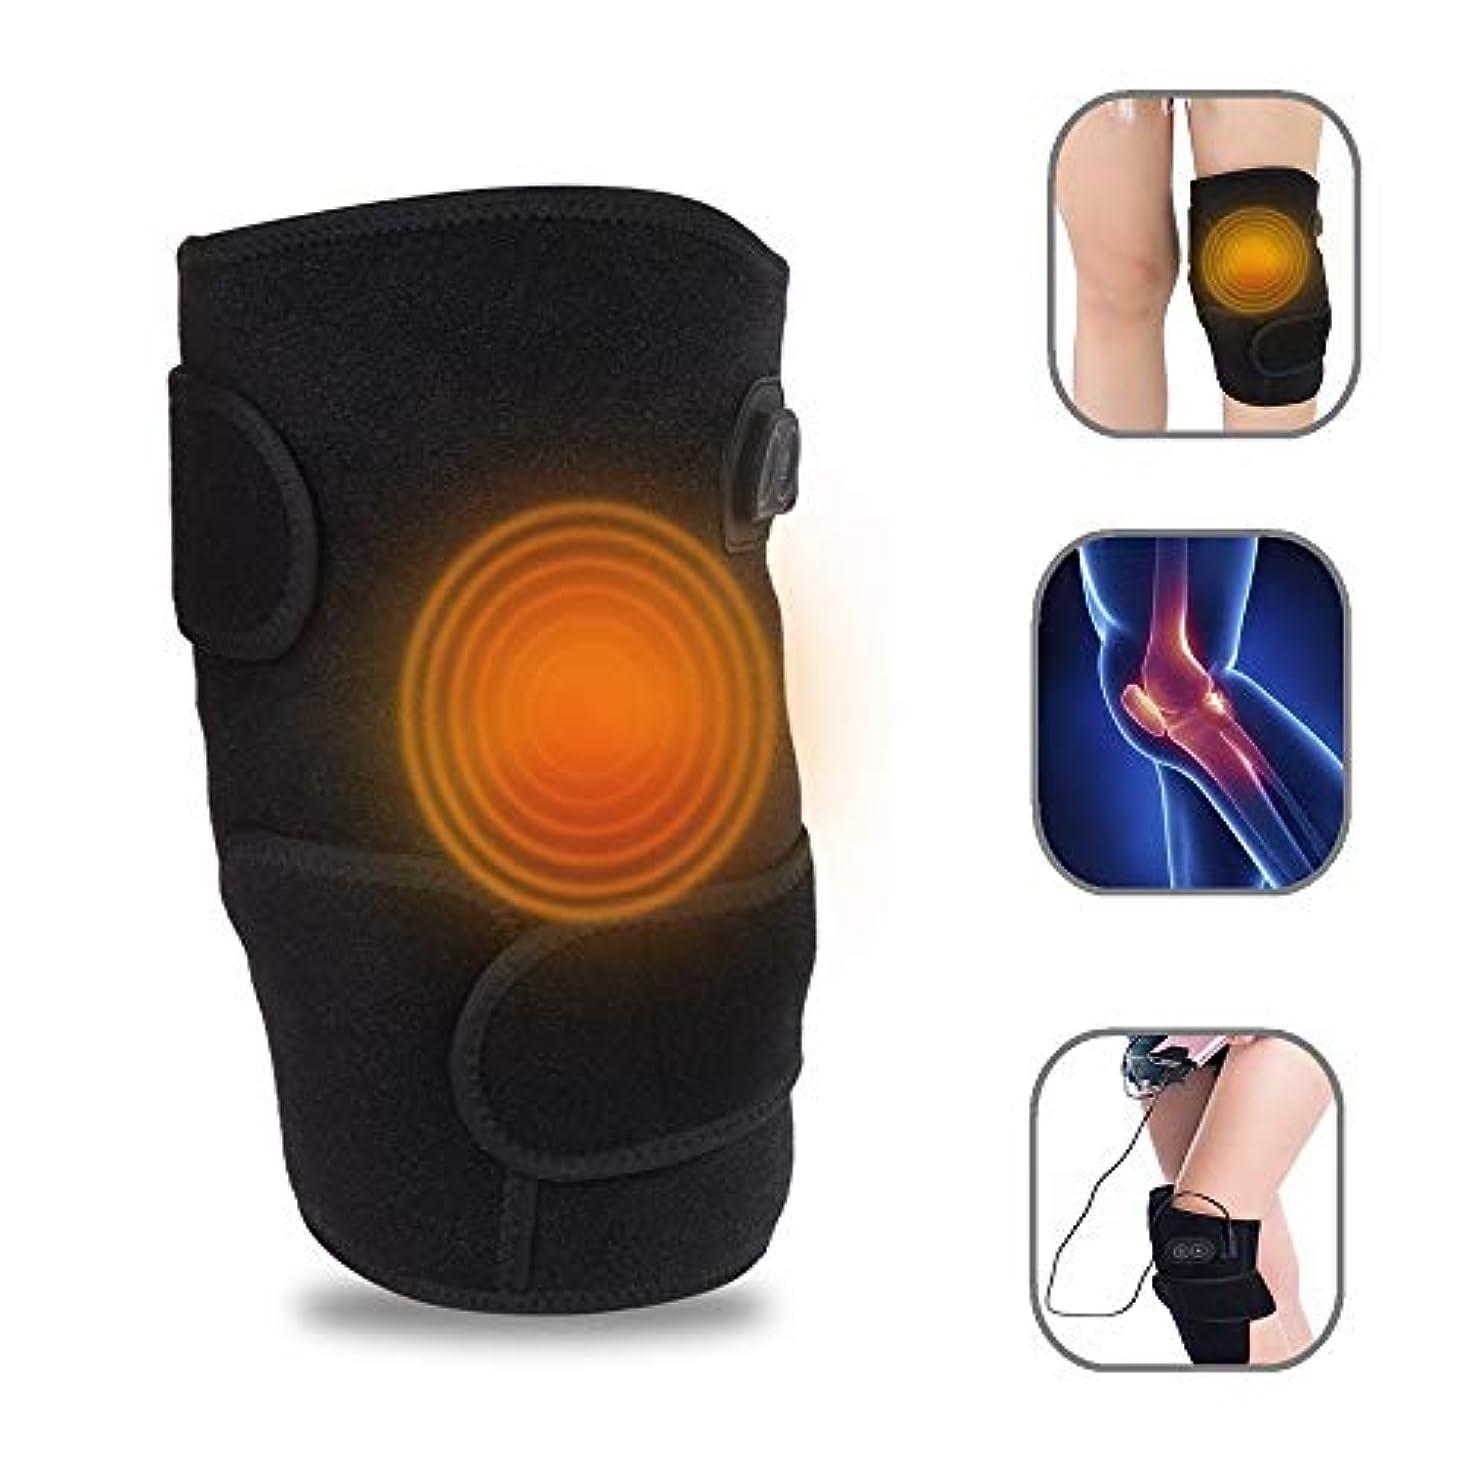 欠陥極地パパマッサージ 膝の理学療法装置、膝の振動、膝の痛みを和らげる 電熱療法、 冬の暖かさ リウマチ